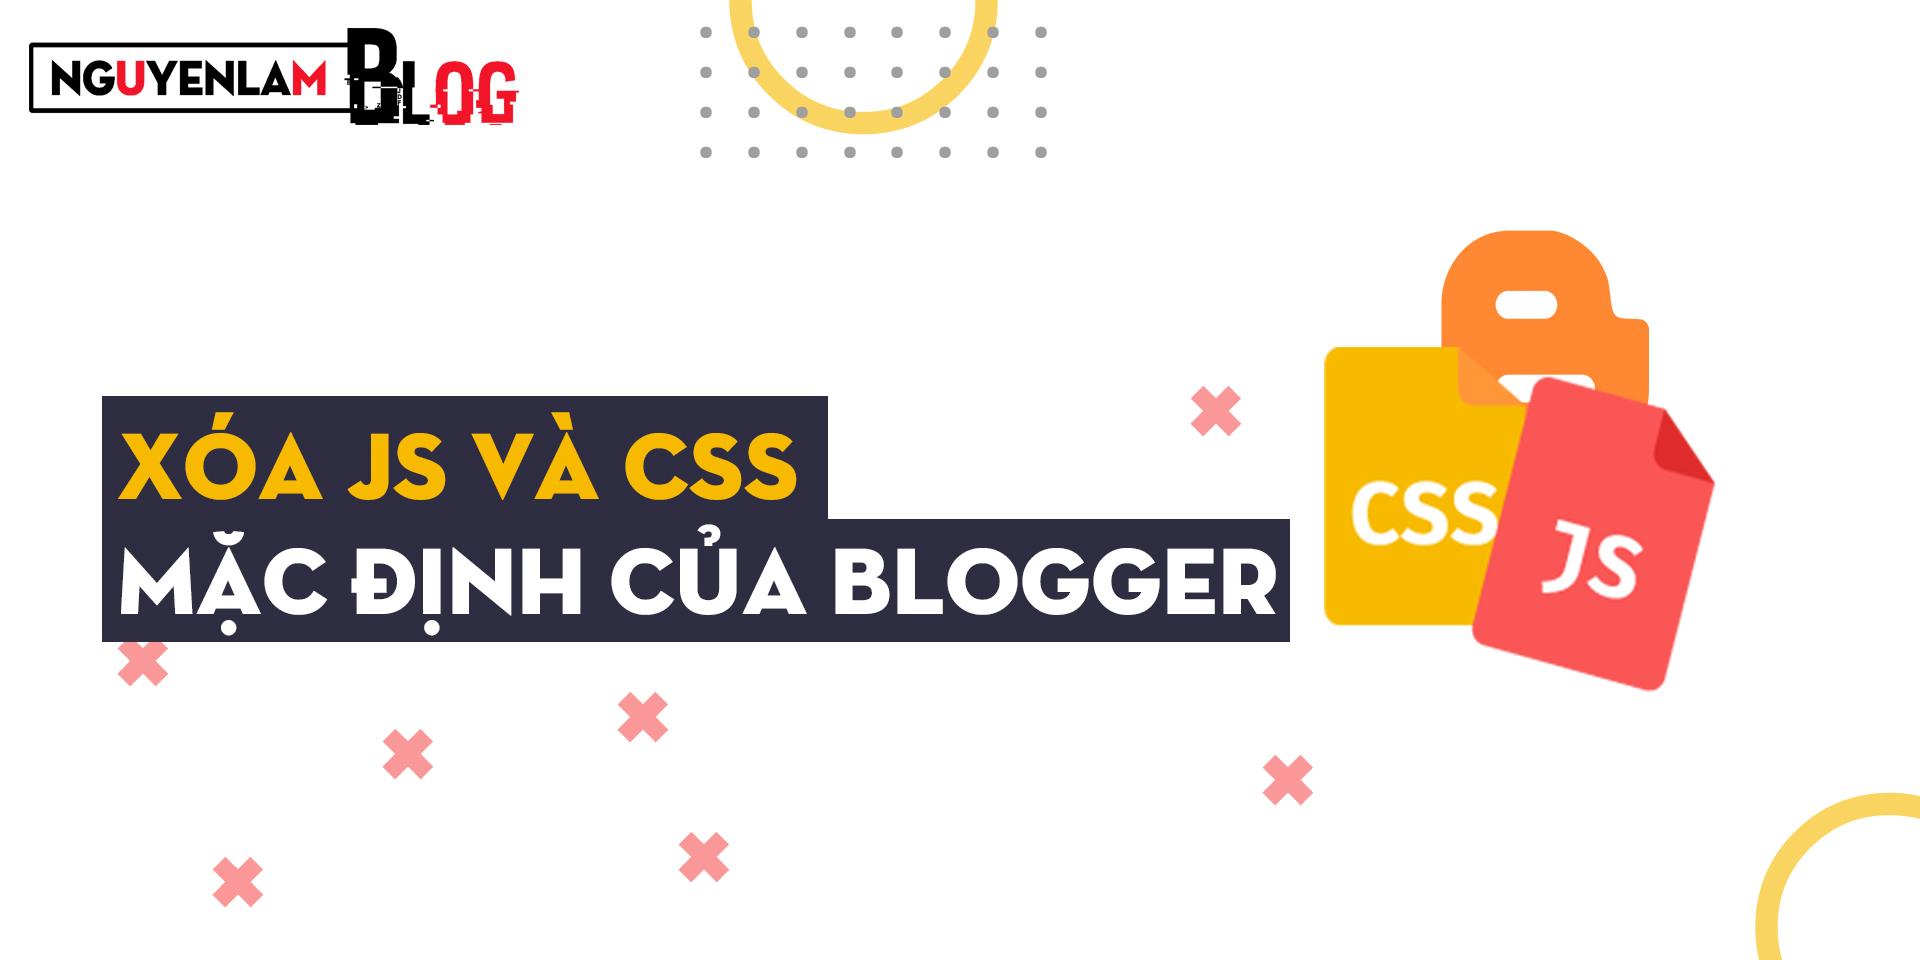 Nguyễn Lâm Blog: Xóa JS Và CSS Mặc Định Blogger